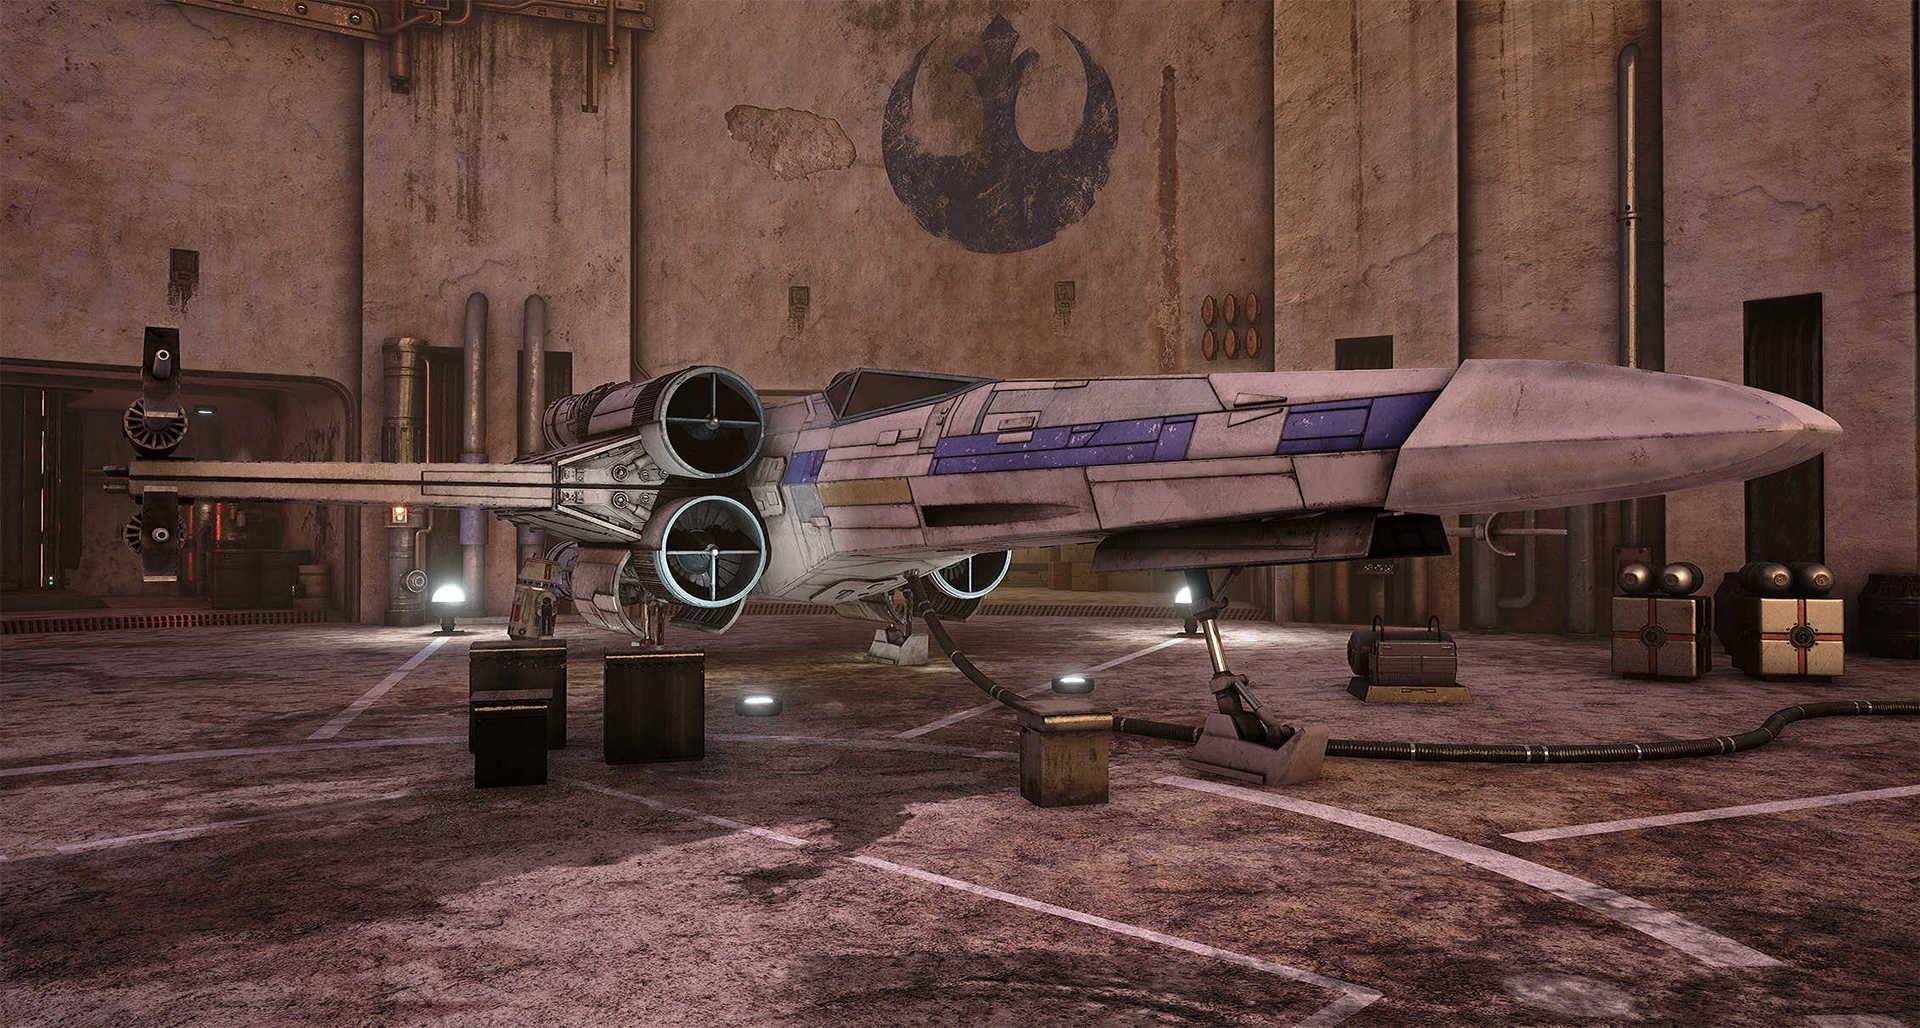 Создание сцены из Star Wars в Unreal Engine 4 - 8